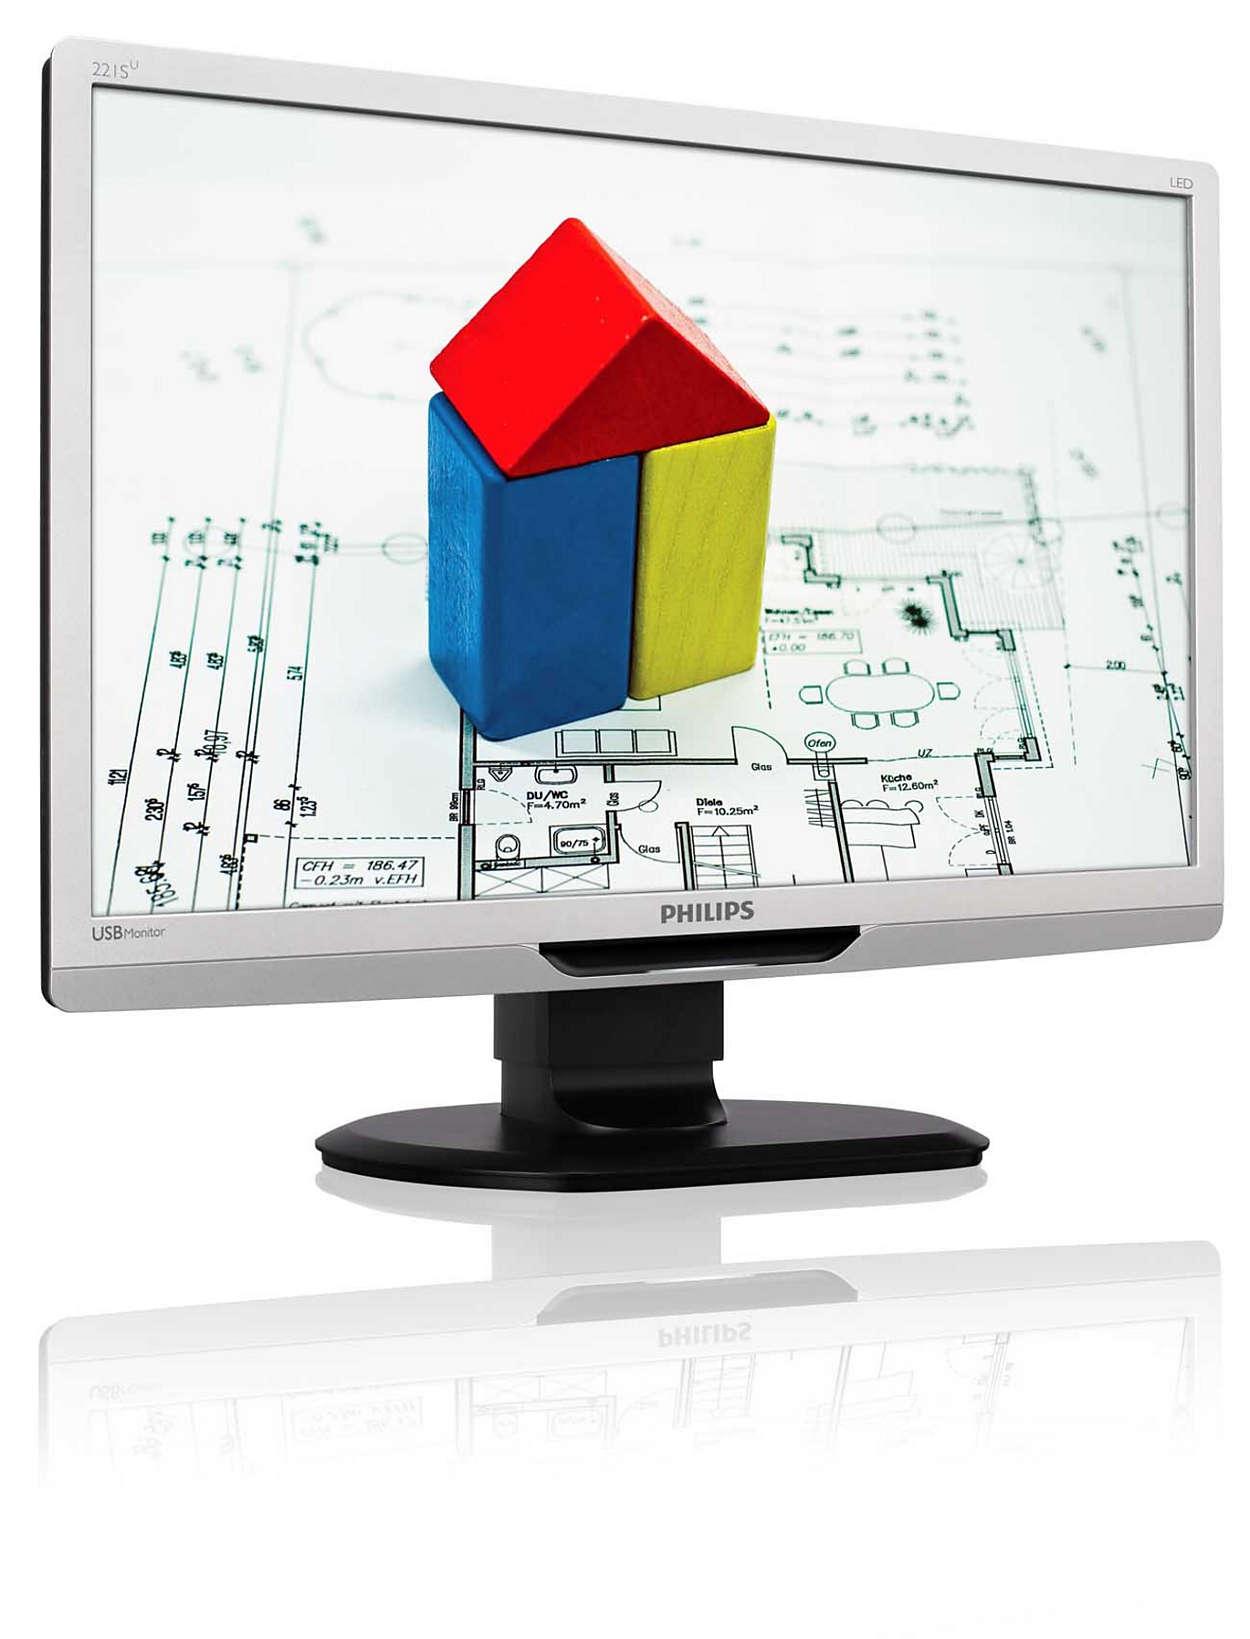 Semplicità grazie al monitor USB